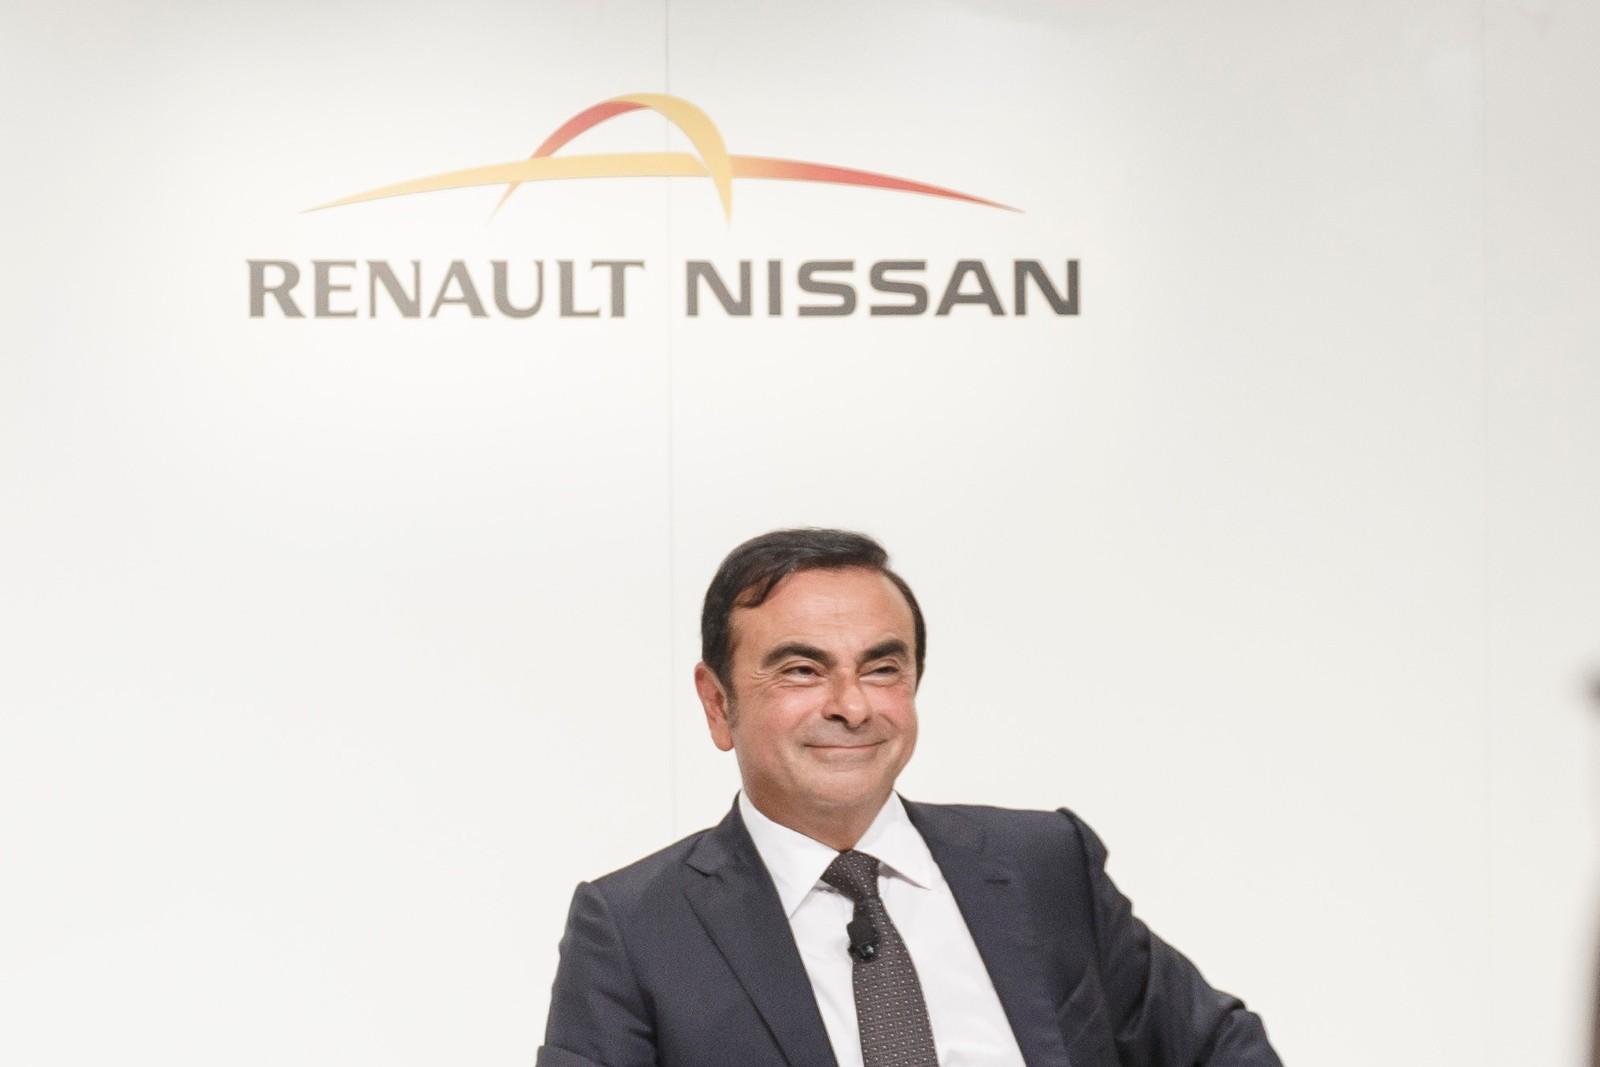 Гон не врал: Nissan готовится к выходу из альянса с Renault